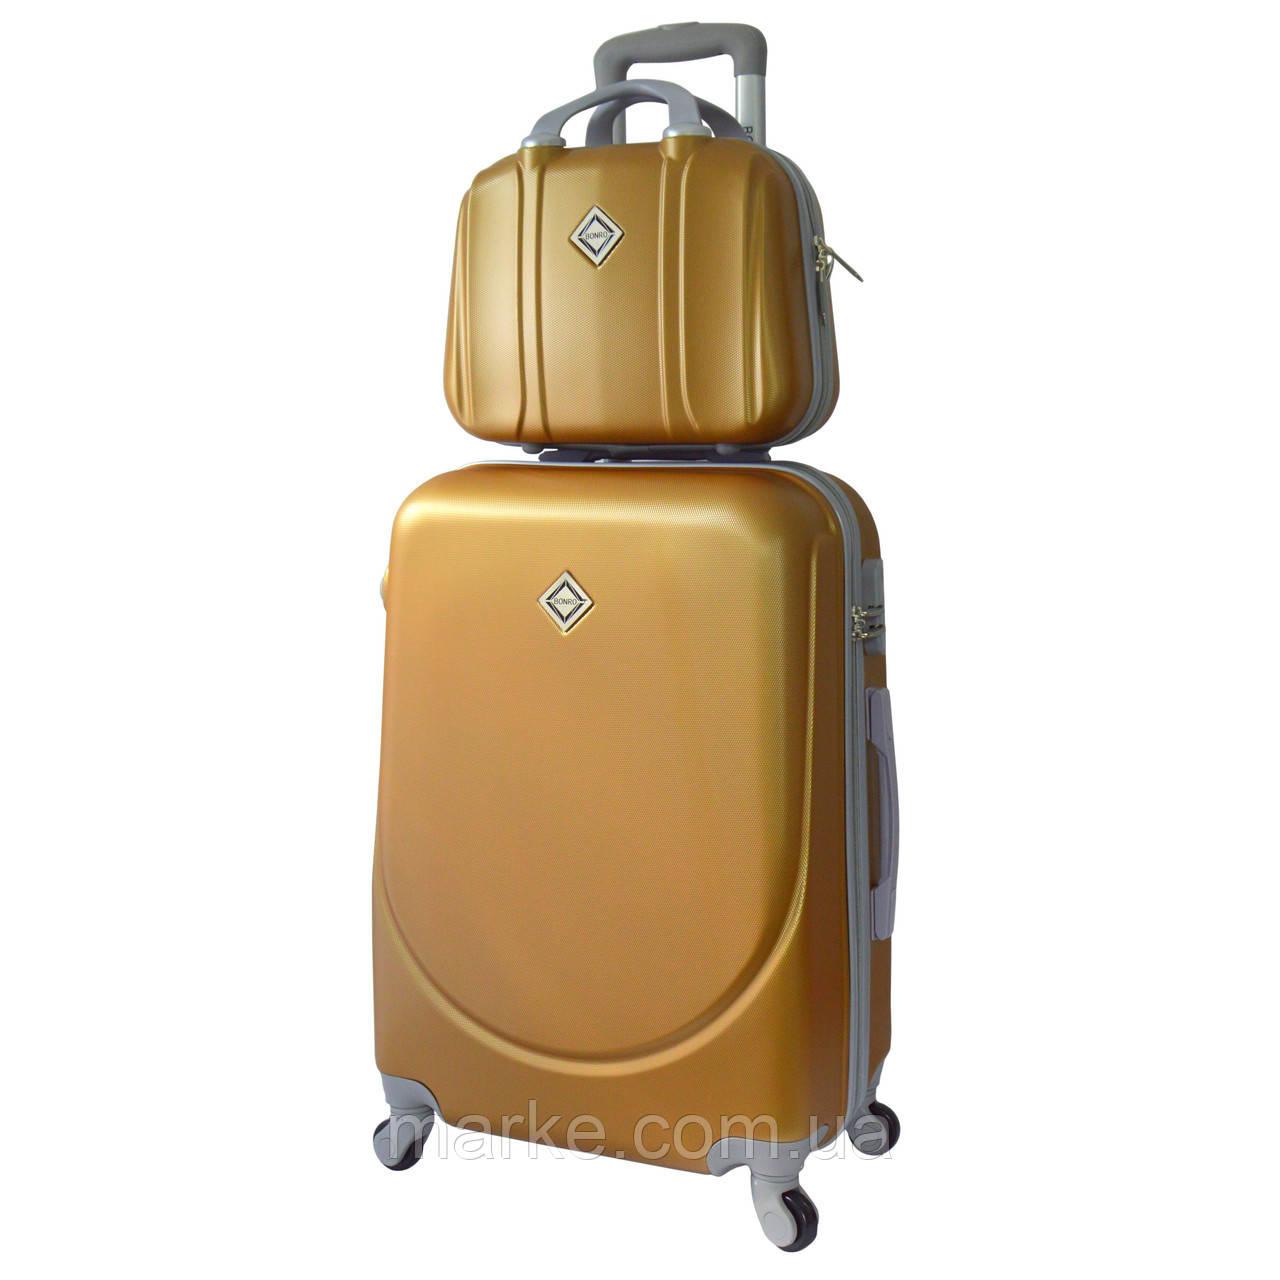 aa02afcaf42c Комплект чемодан + кейс Bonro Smile (небольшой) золотой  продажа ...